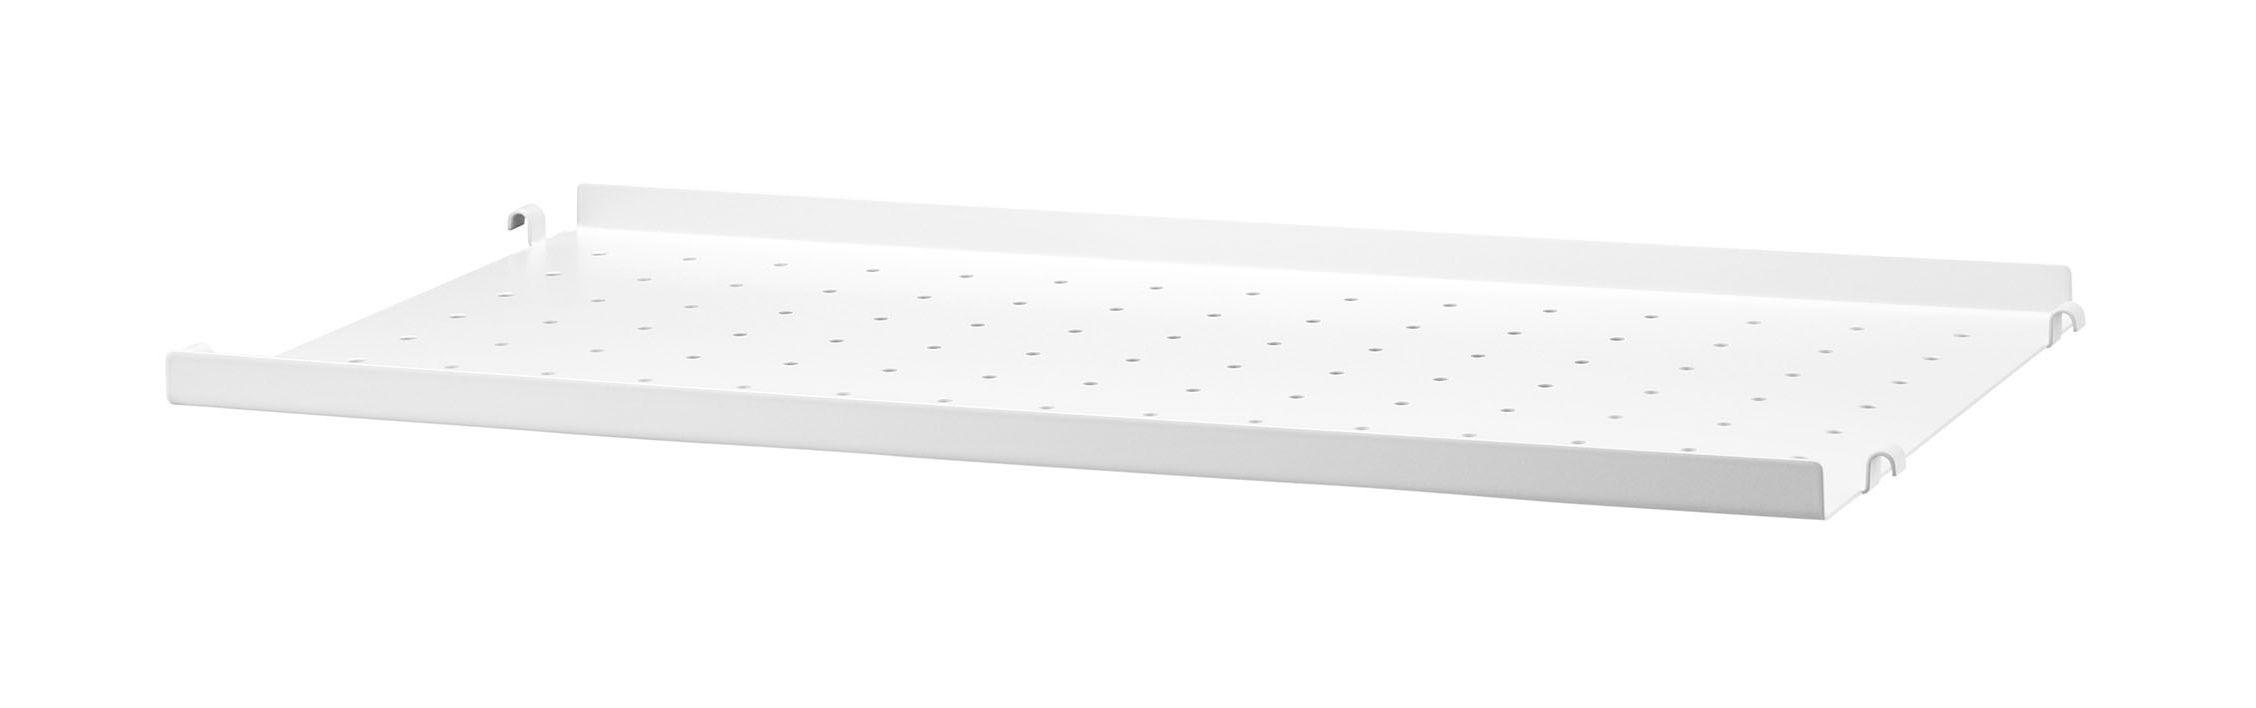 Arredamento - Scaffali e librerie - Scaffale String System - / Metallo traforato, bordo basso -  L 58 x P 30 cm di String Furniture - L 58 cm / Bianco - metallo laccato